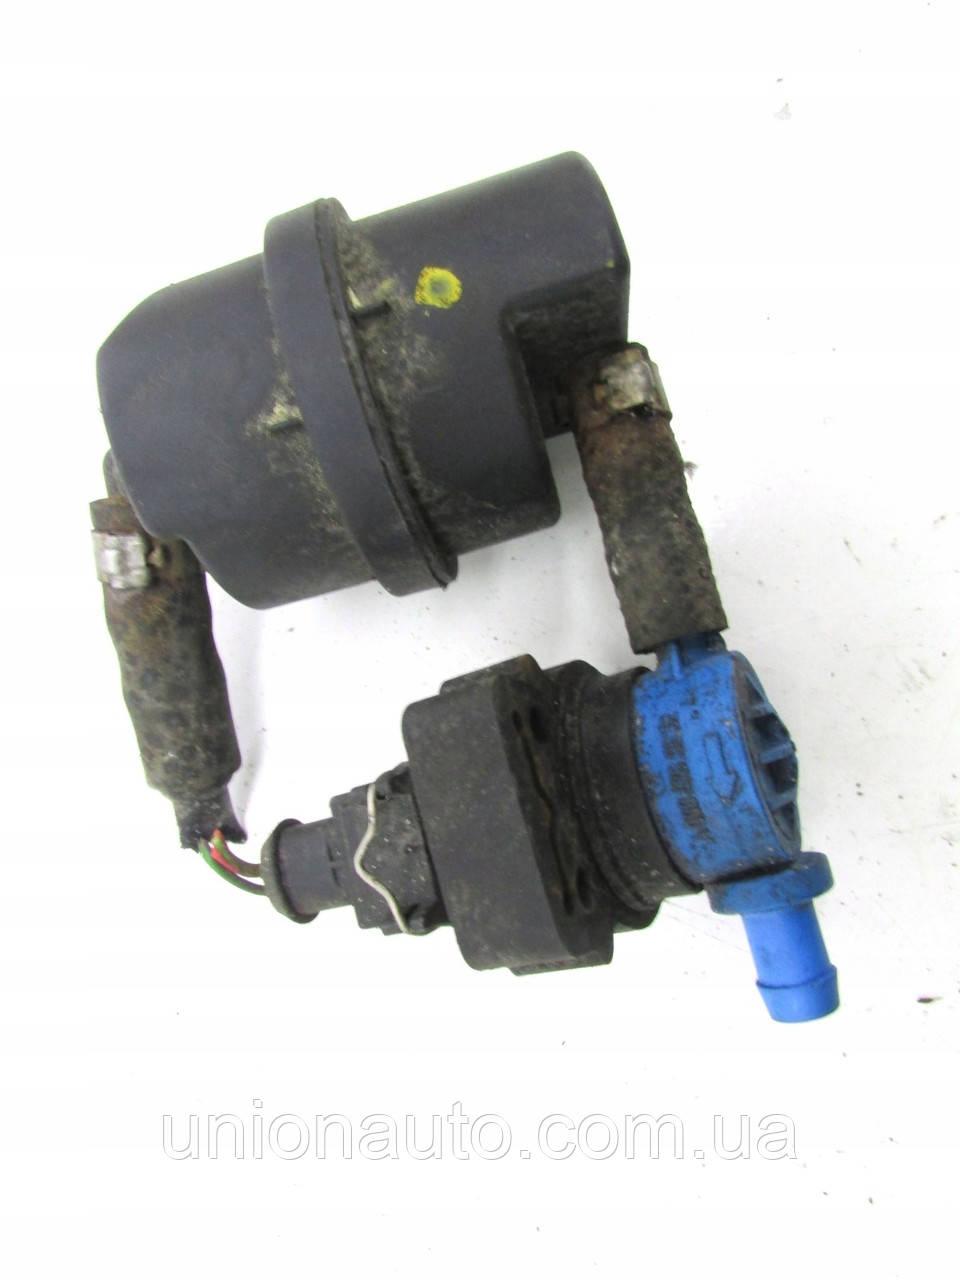 MERCEDES W211 Регулятор, клапан давления подачи топлива A2114700116